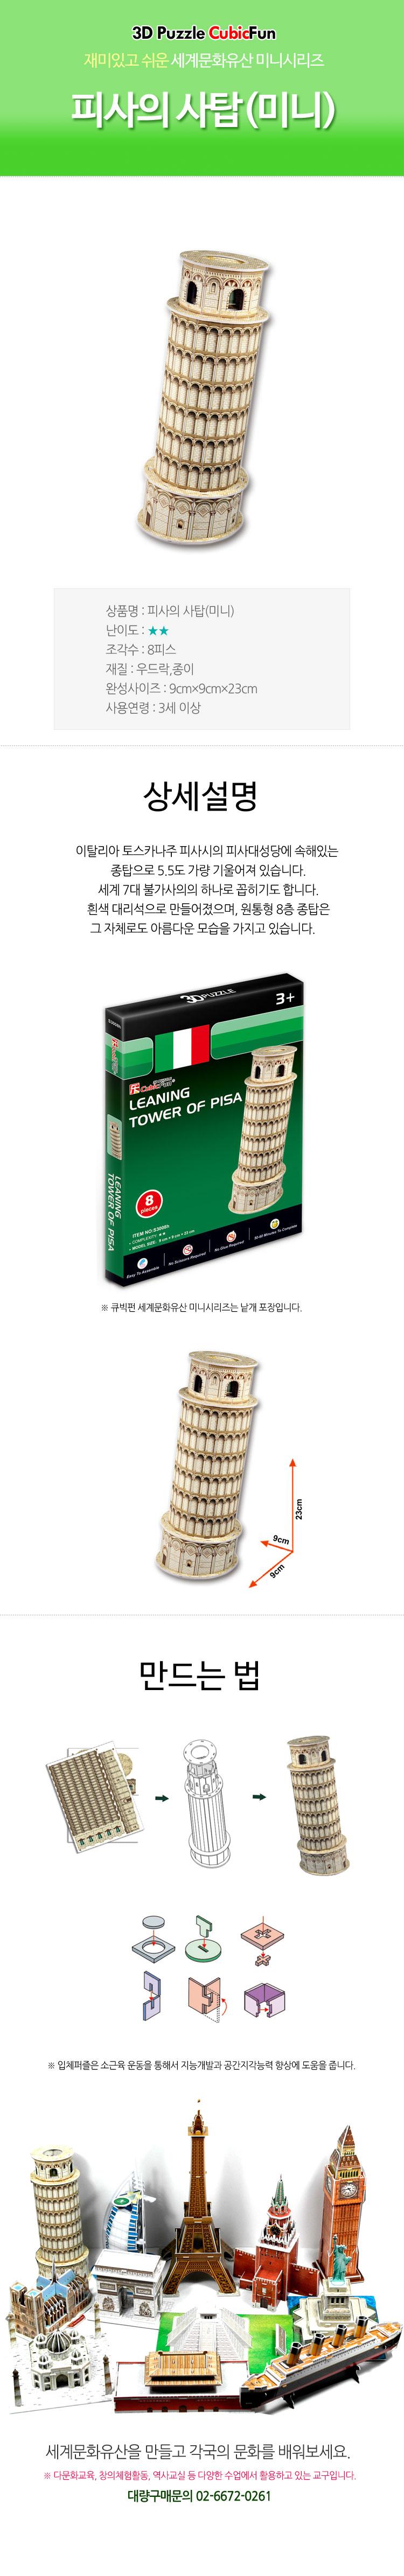 세계유명건축물 입체퍼즐 피사의사탑 미니 - 큐빅펀, 3,500원, 조각/퍼즐, 3D입체퍼즐